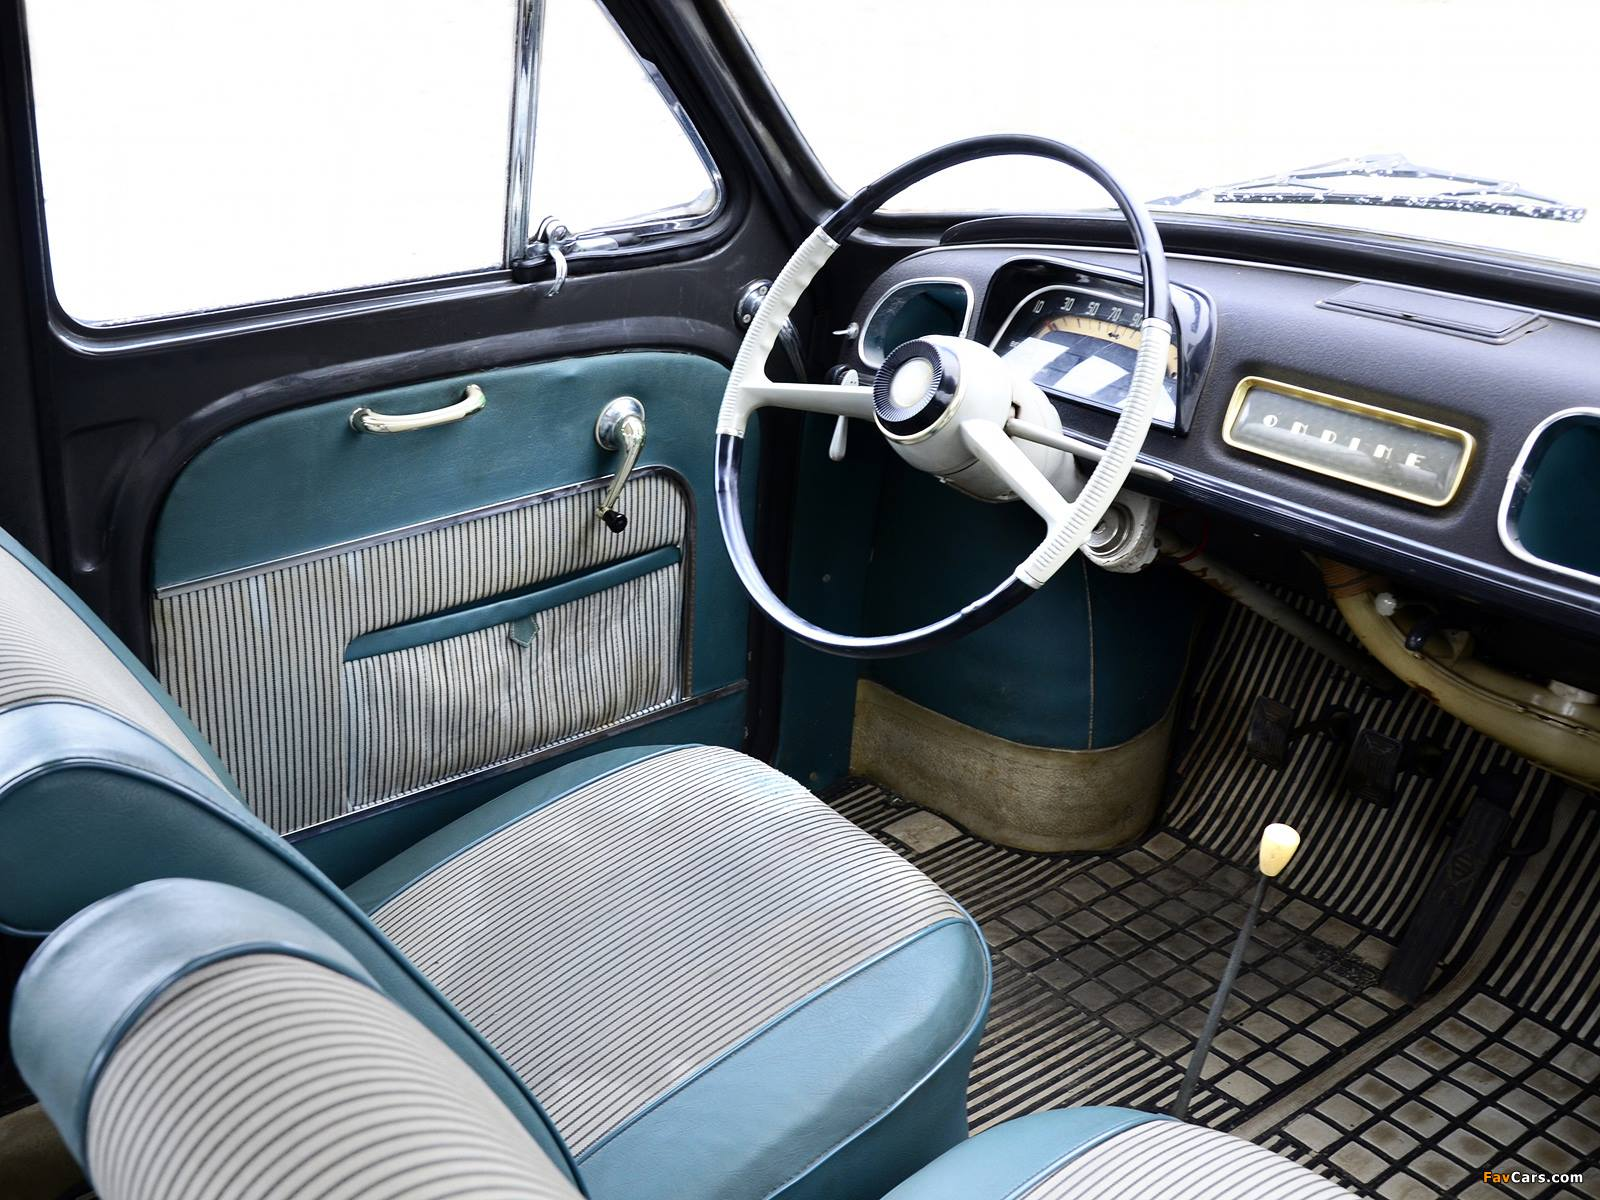 Alfa-Romeo-Ondine-10-tussen-1959-en-1964-in-Portello-werden-deze-gebouwd-2